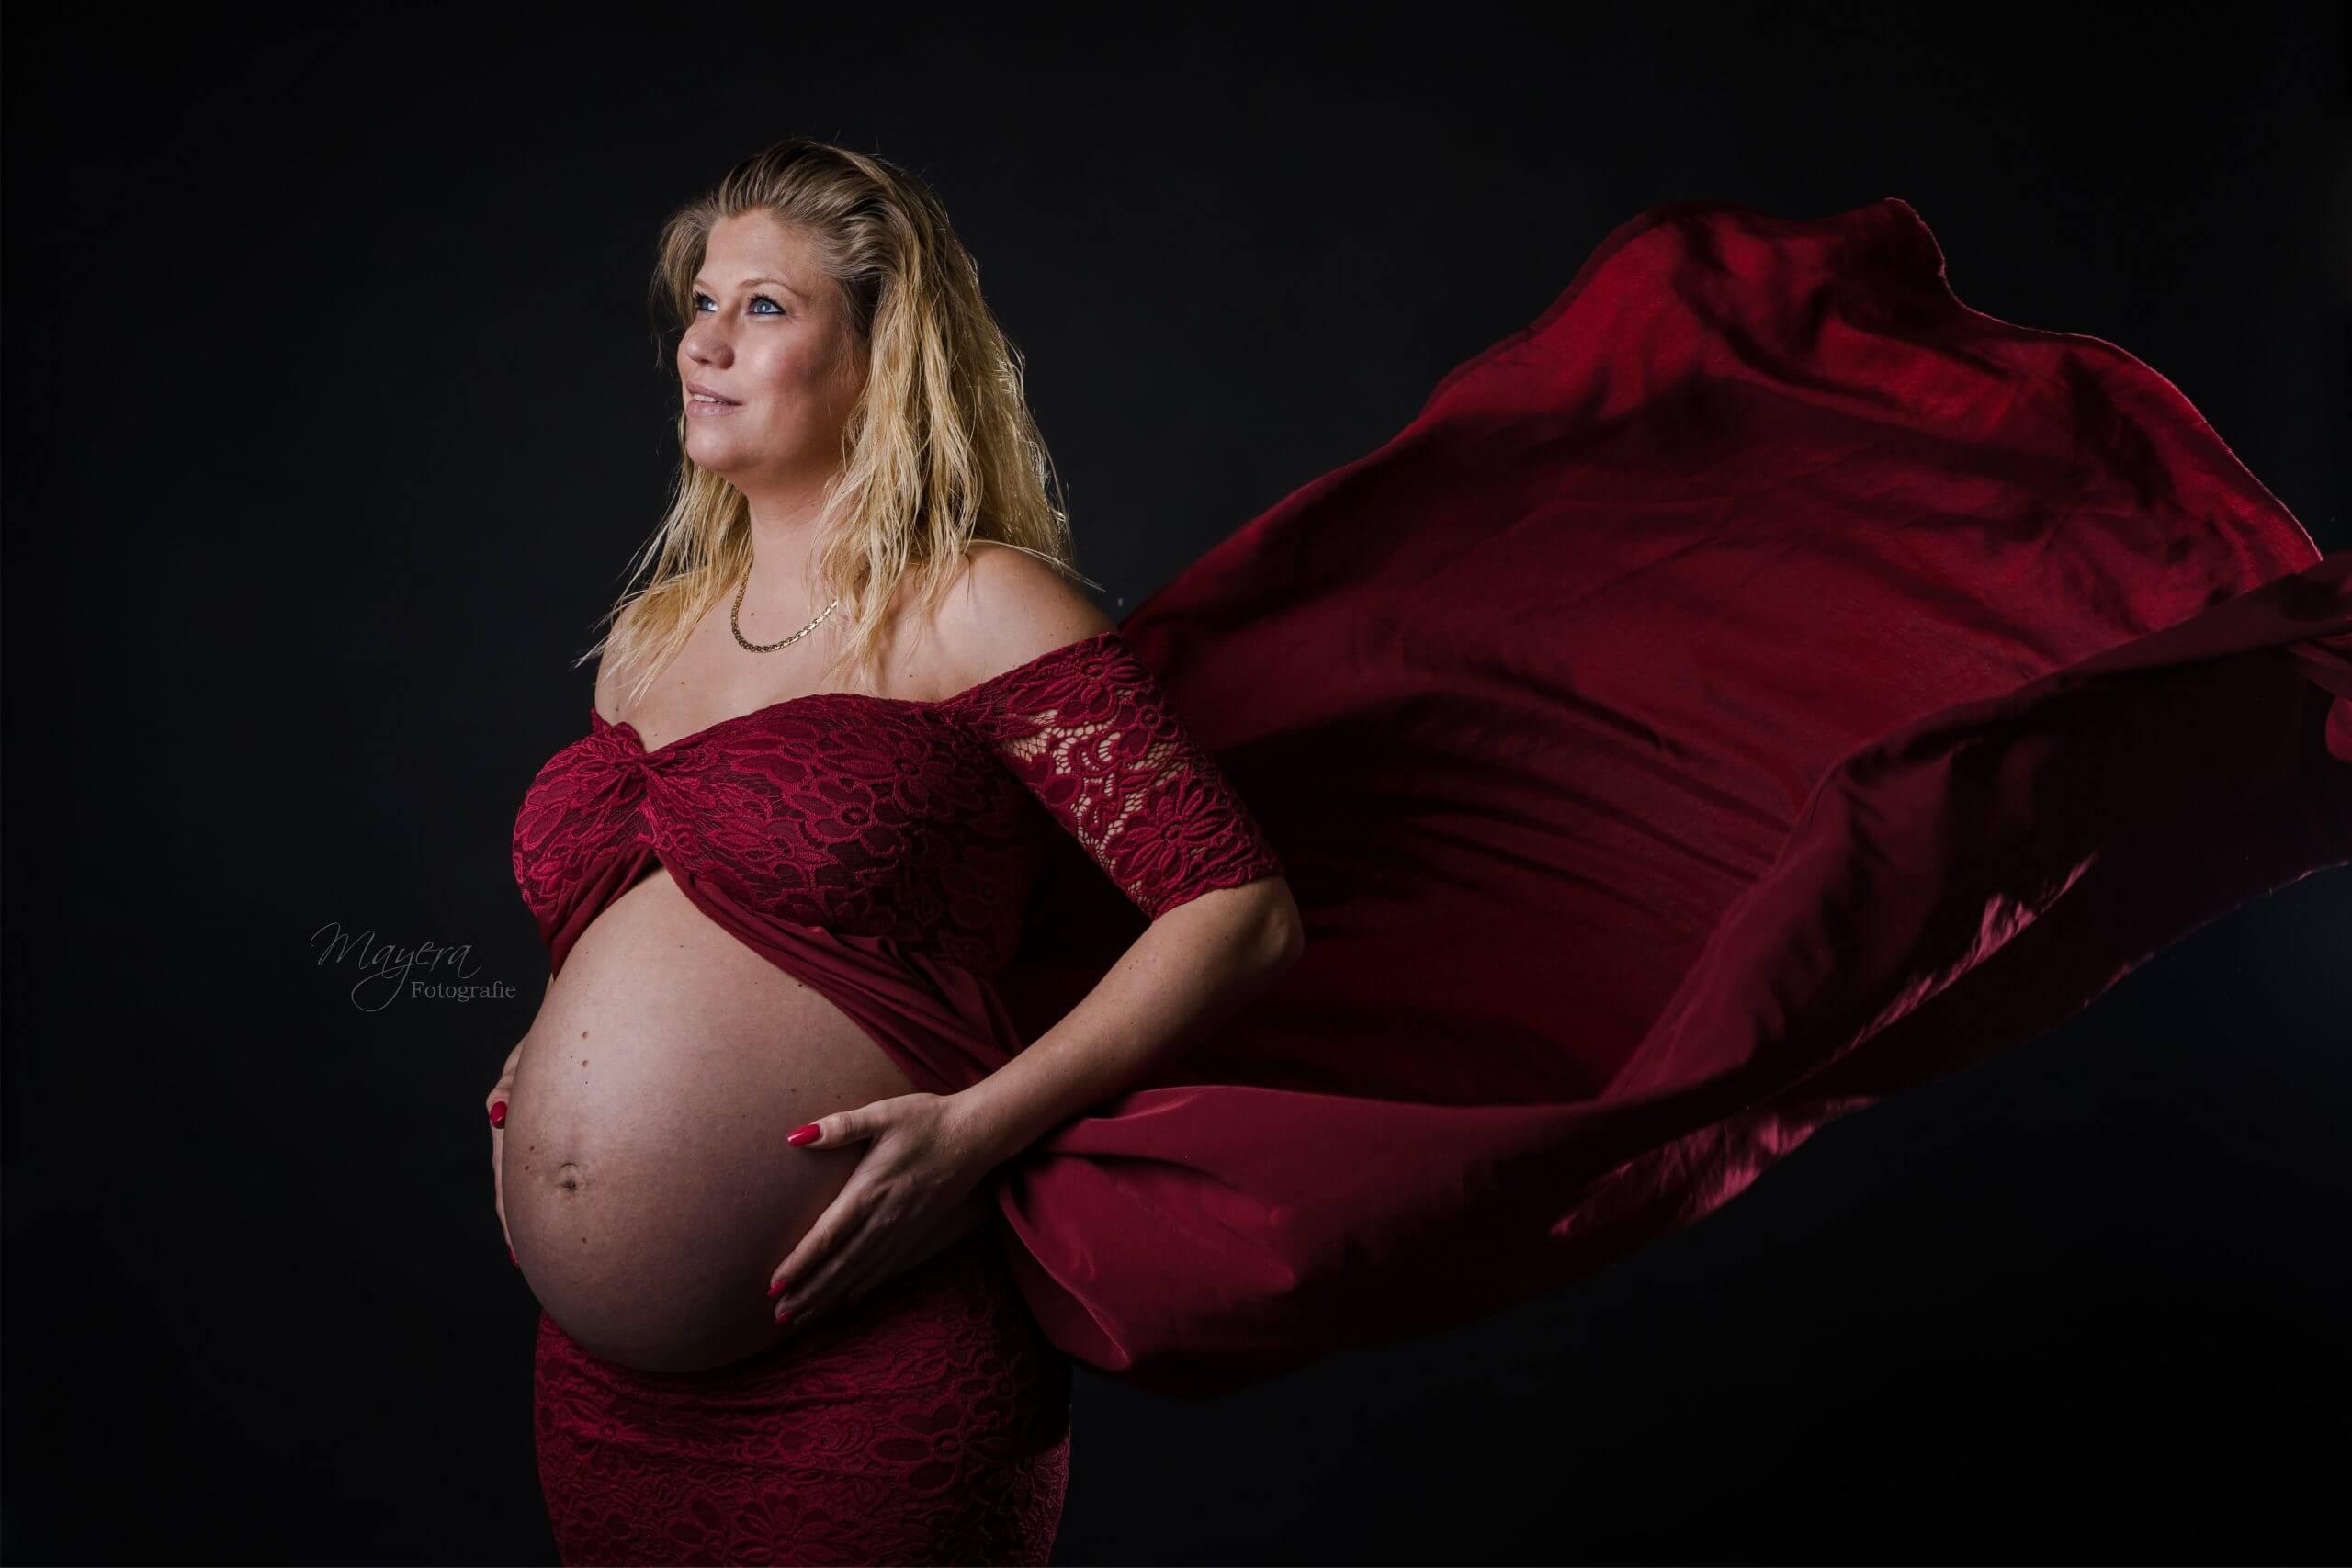 kersne rode jurk zwangerschap cothen